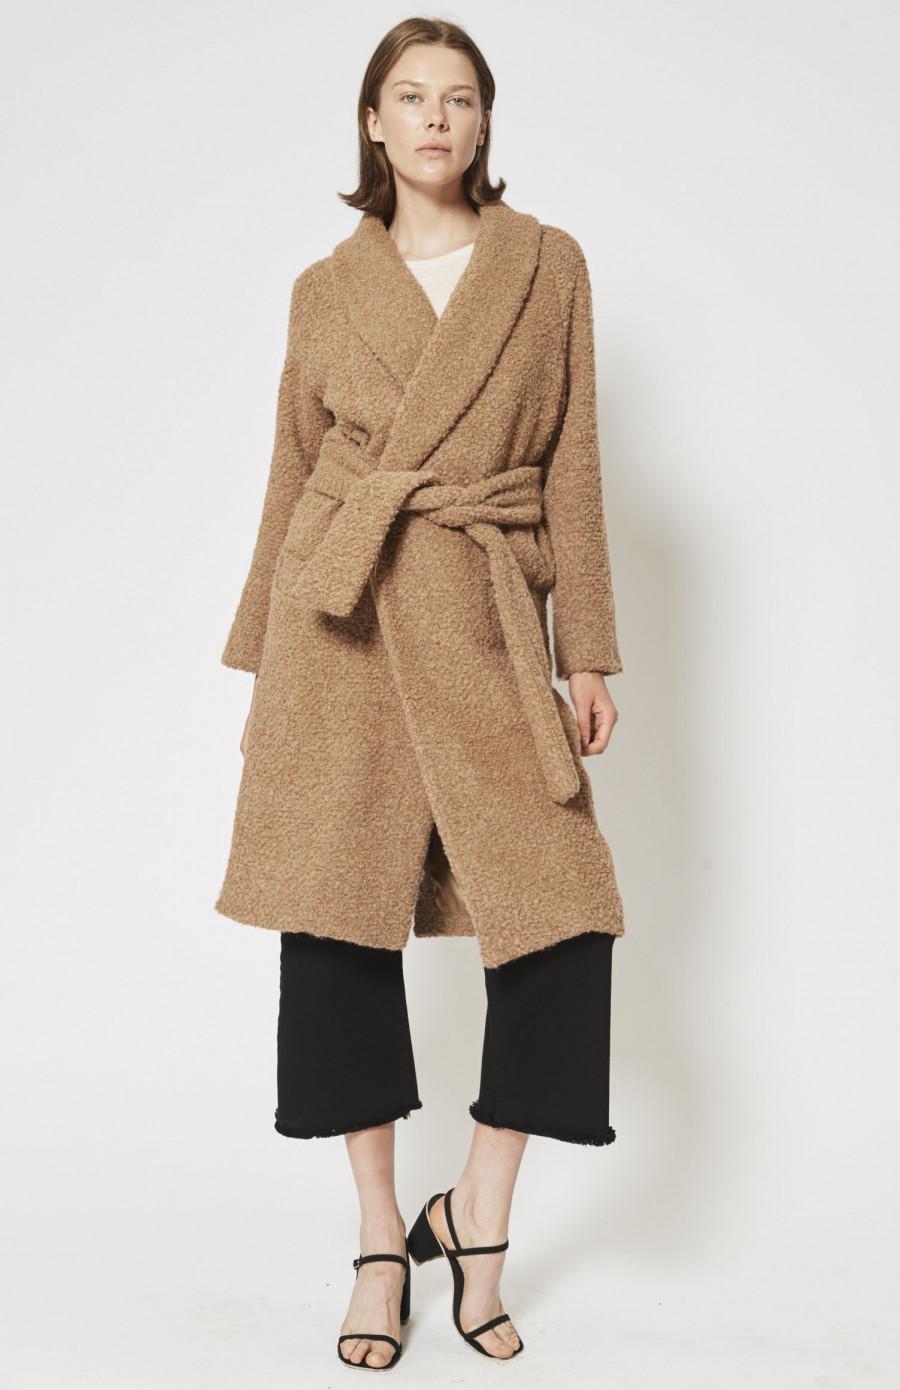 shawl-coat-oatmeal-dressup-464708010022.jpg